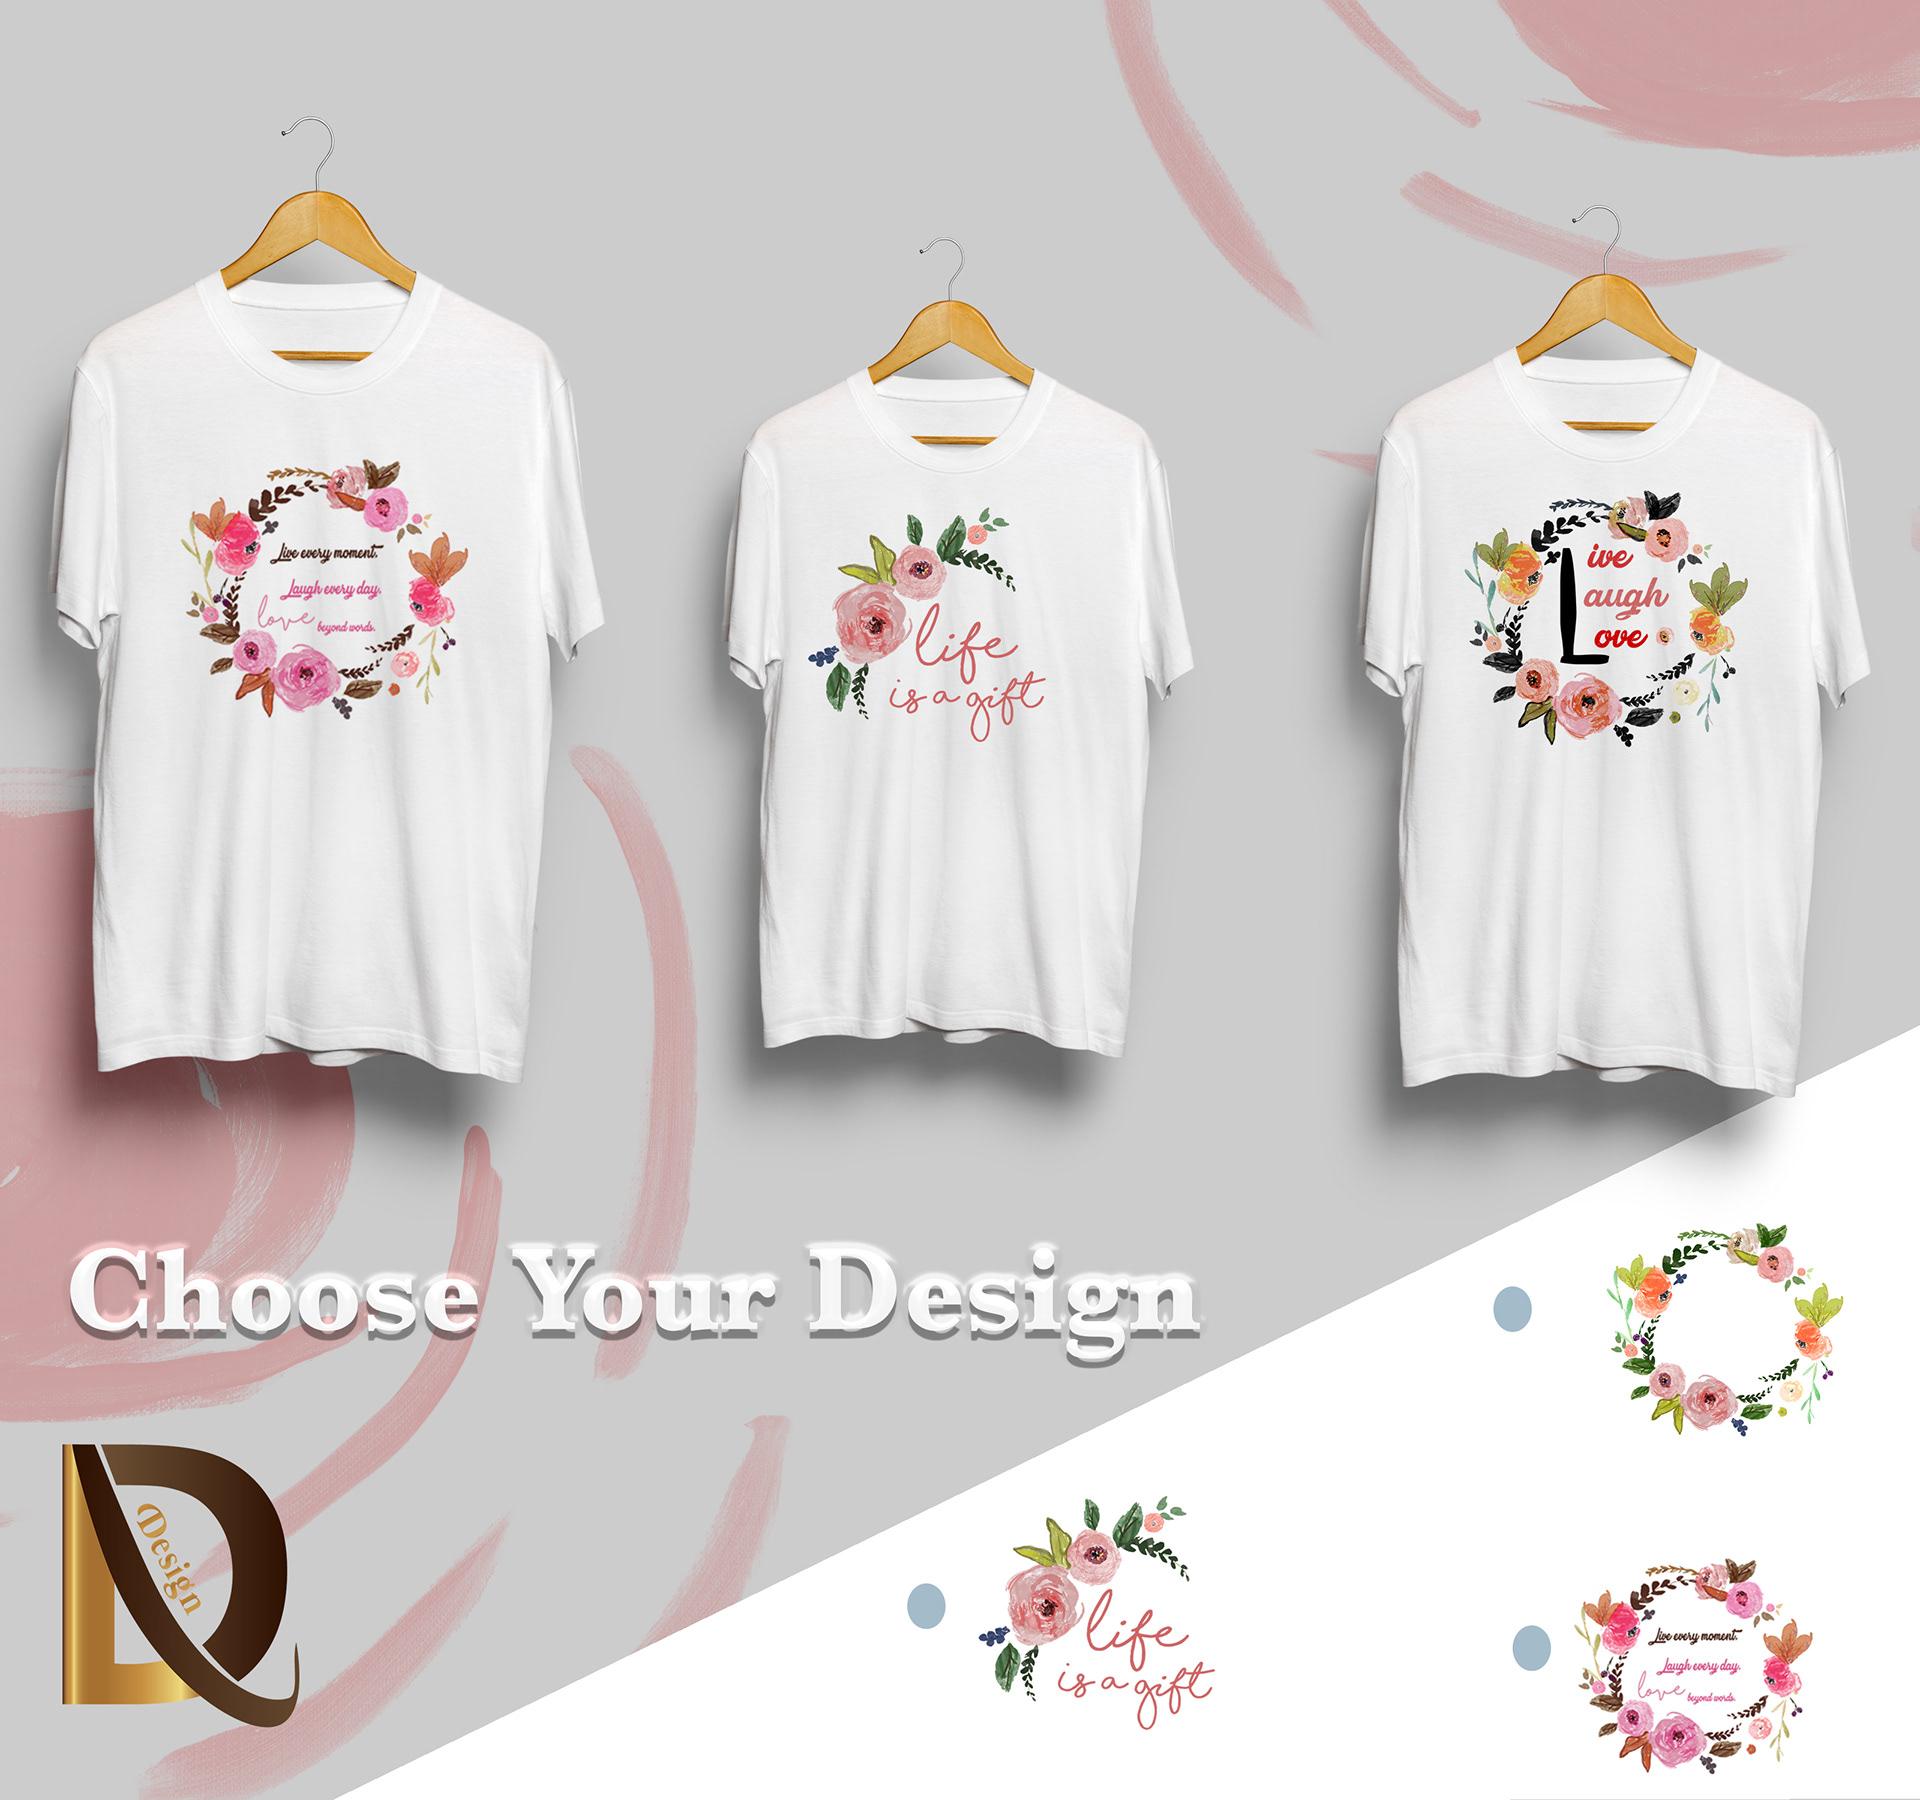 Iman Dahdul Branding T Shirt Design